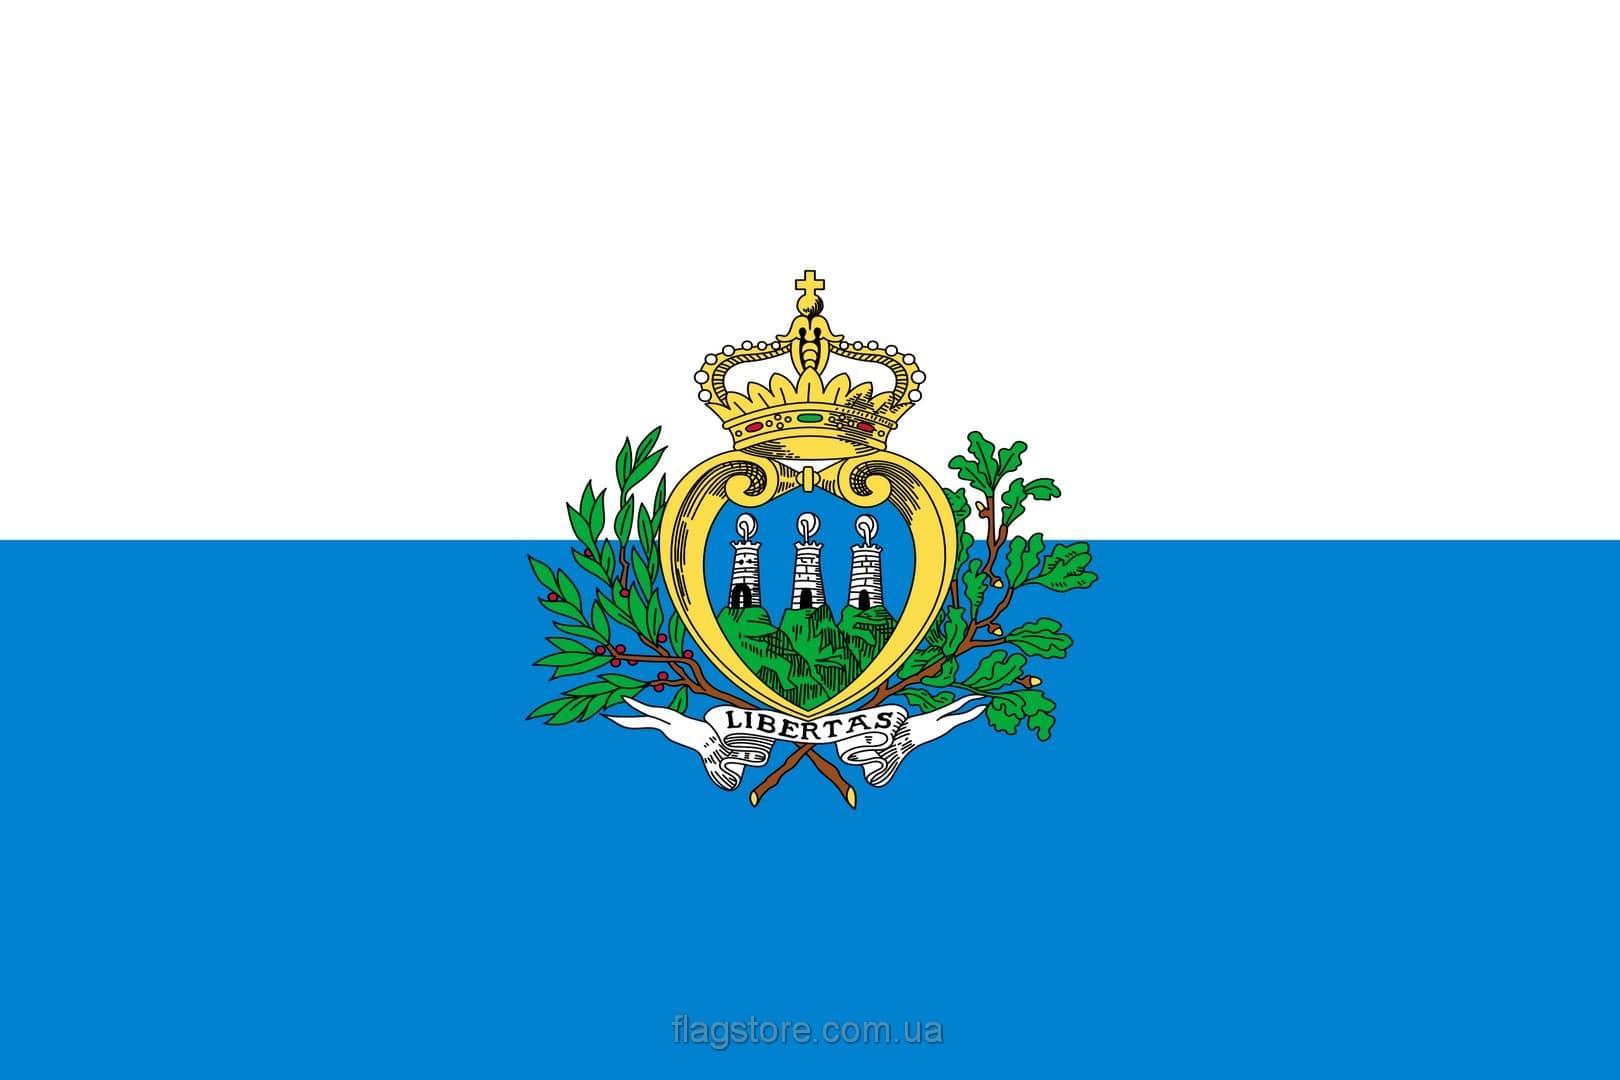 Купить флаг страны Сан-Марино